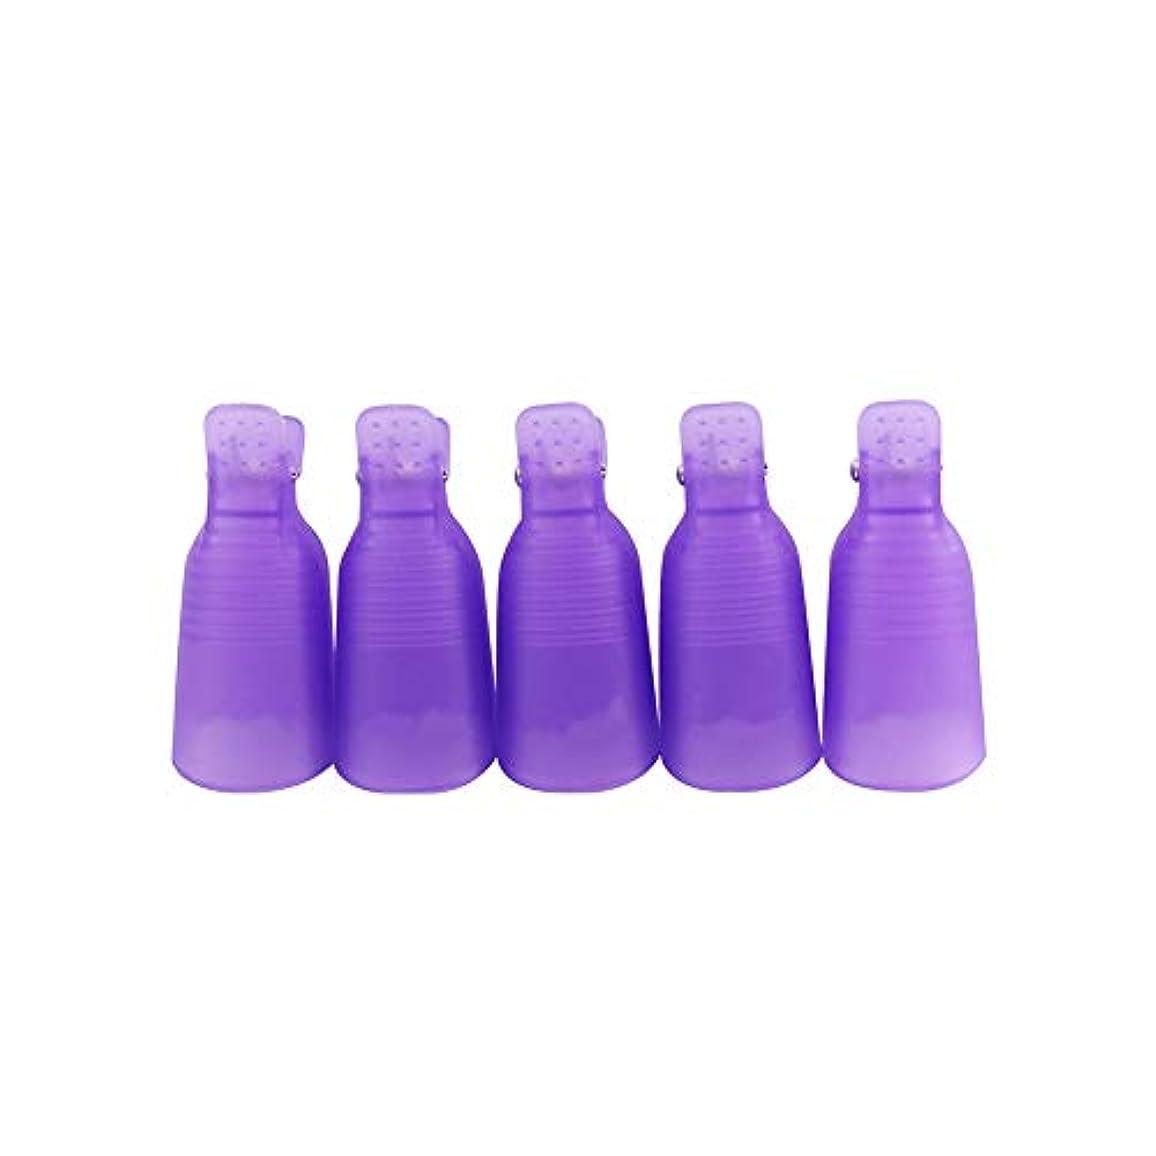 補うとは異なりモトリー5マニキュアUV接着パッドは、キャップリムーバーツールネイルネイルポリッシュリムーバー再利用可能なシリコーンはラップまたはオフに浸した家庭用のサロン(紫)